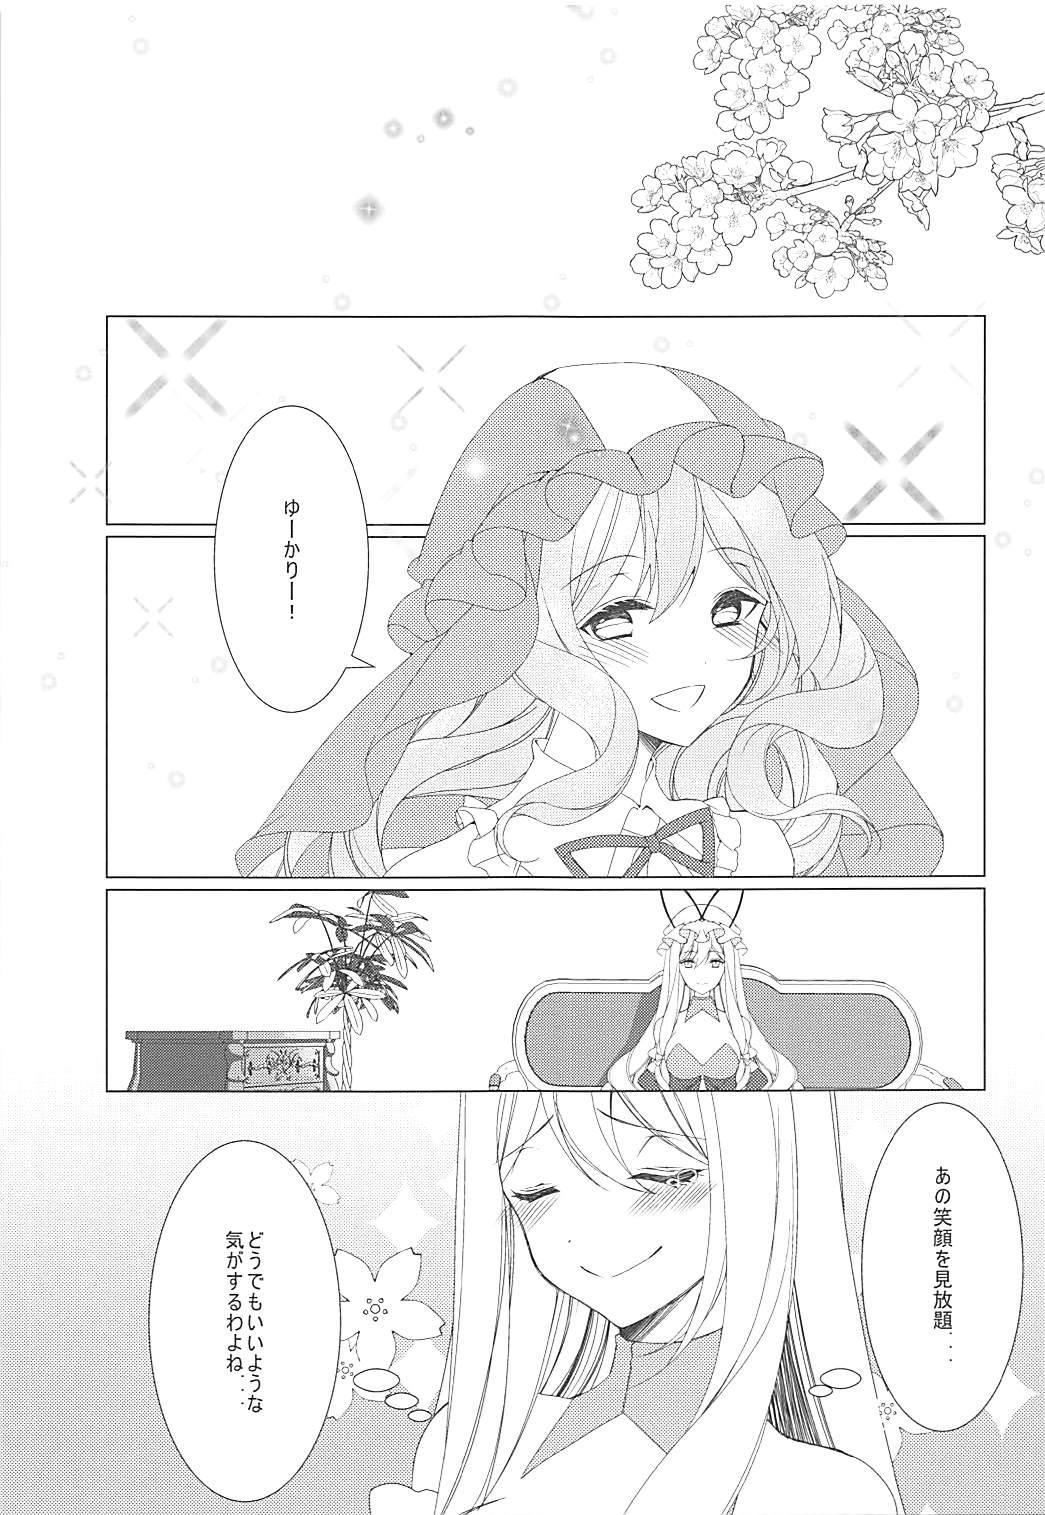 Konna ni Kawaii Kanojo wa Ari? Nashi? 7